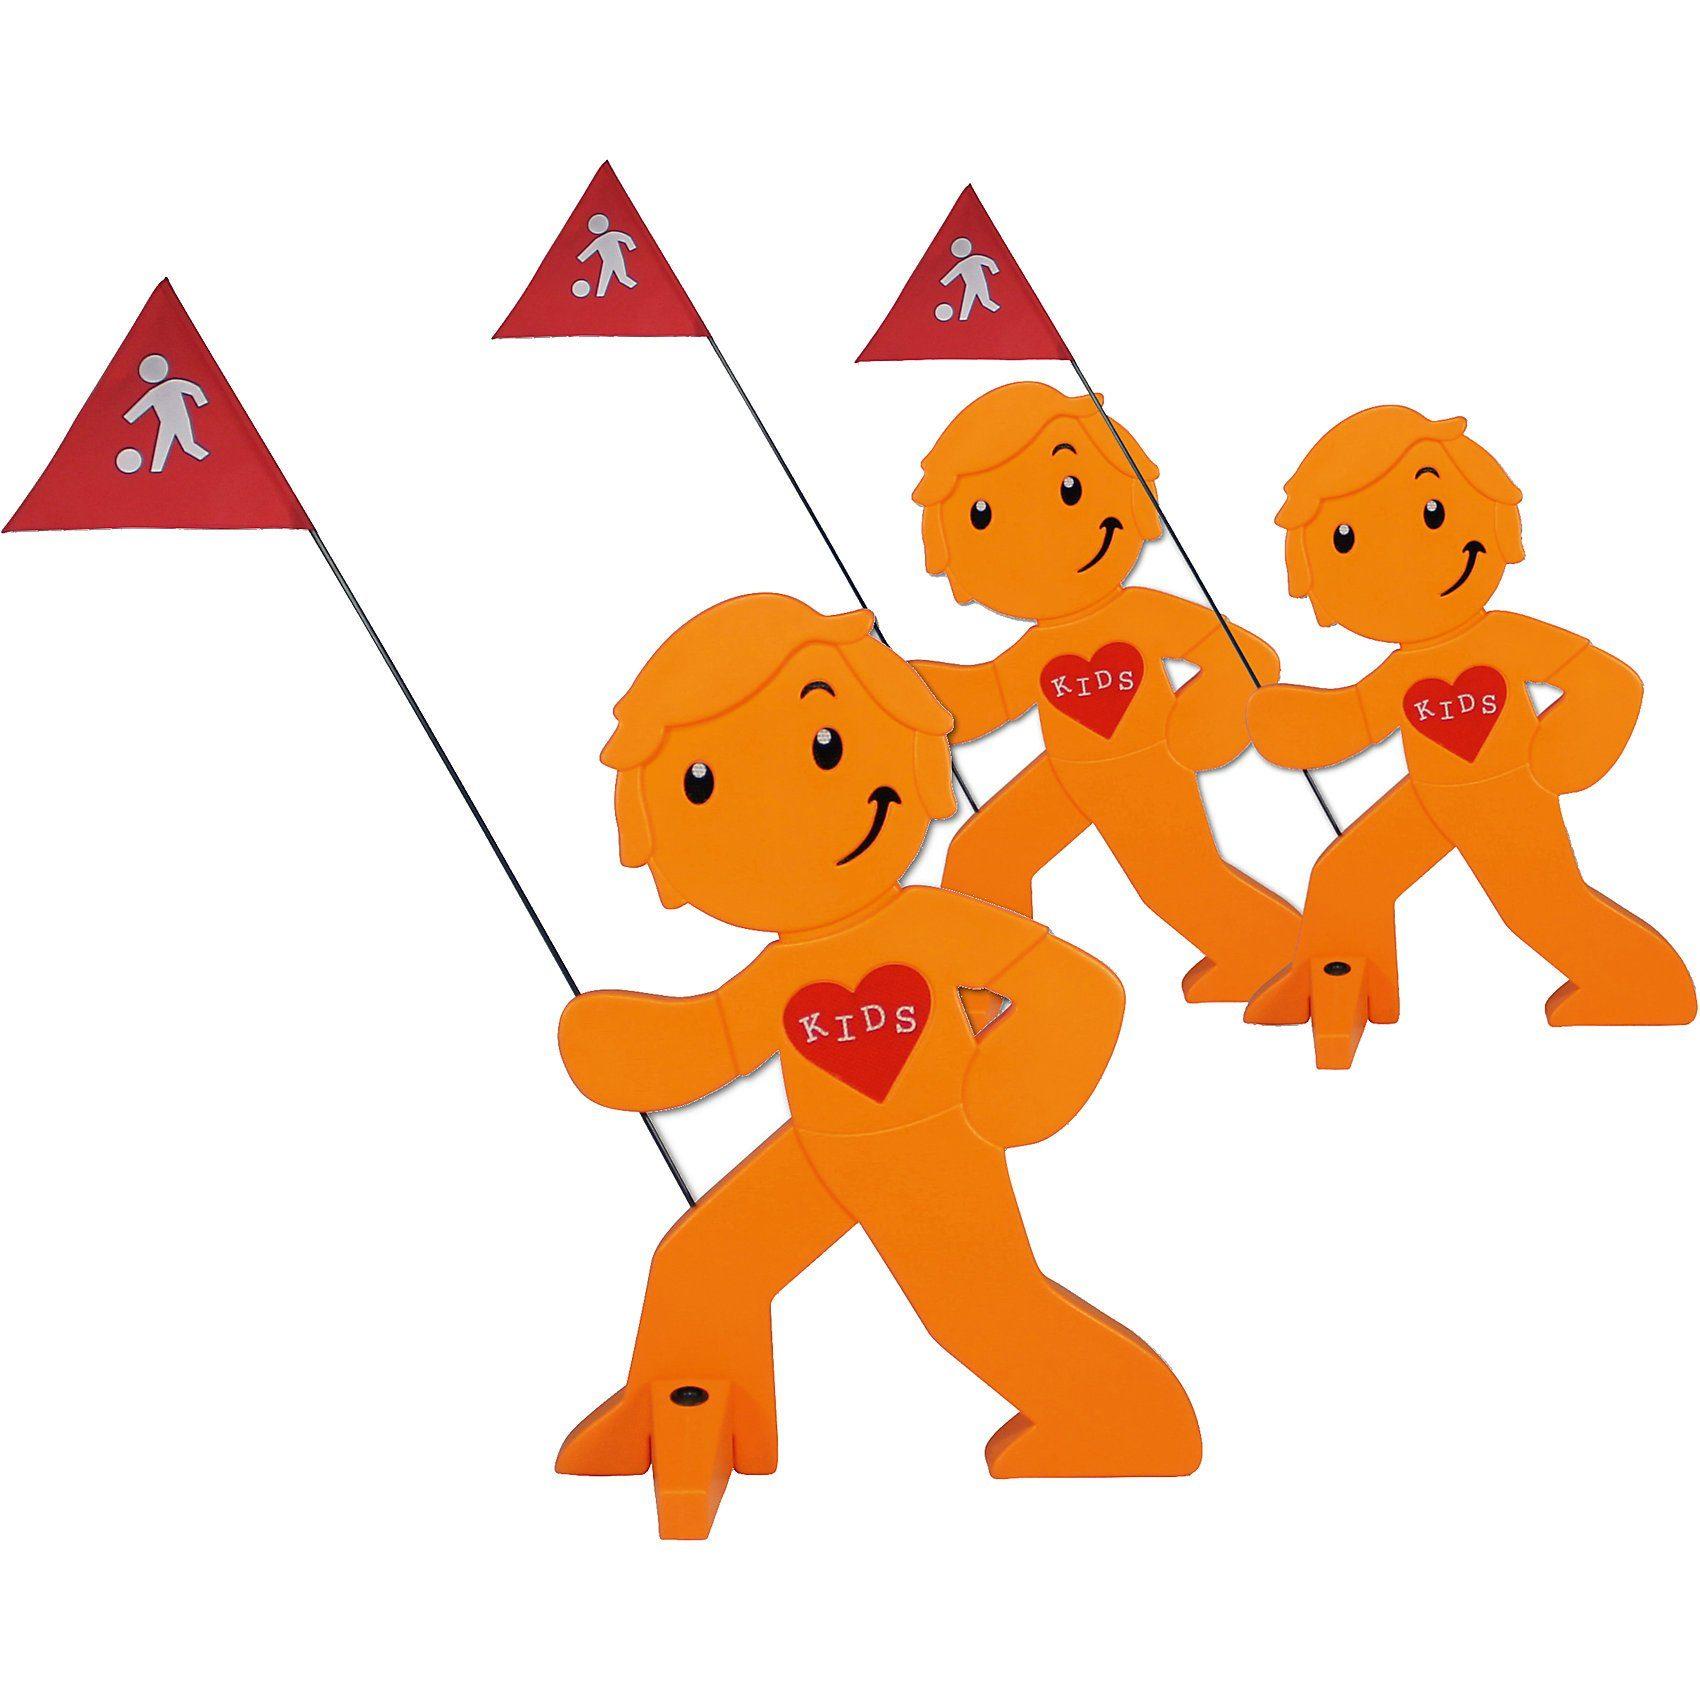 Beachtrekker StreetBuddy Warnfigur für Kindersicherheit, orange, 3 Stück